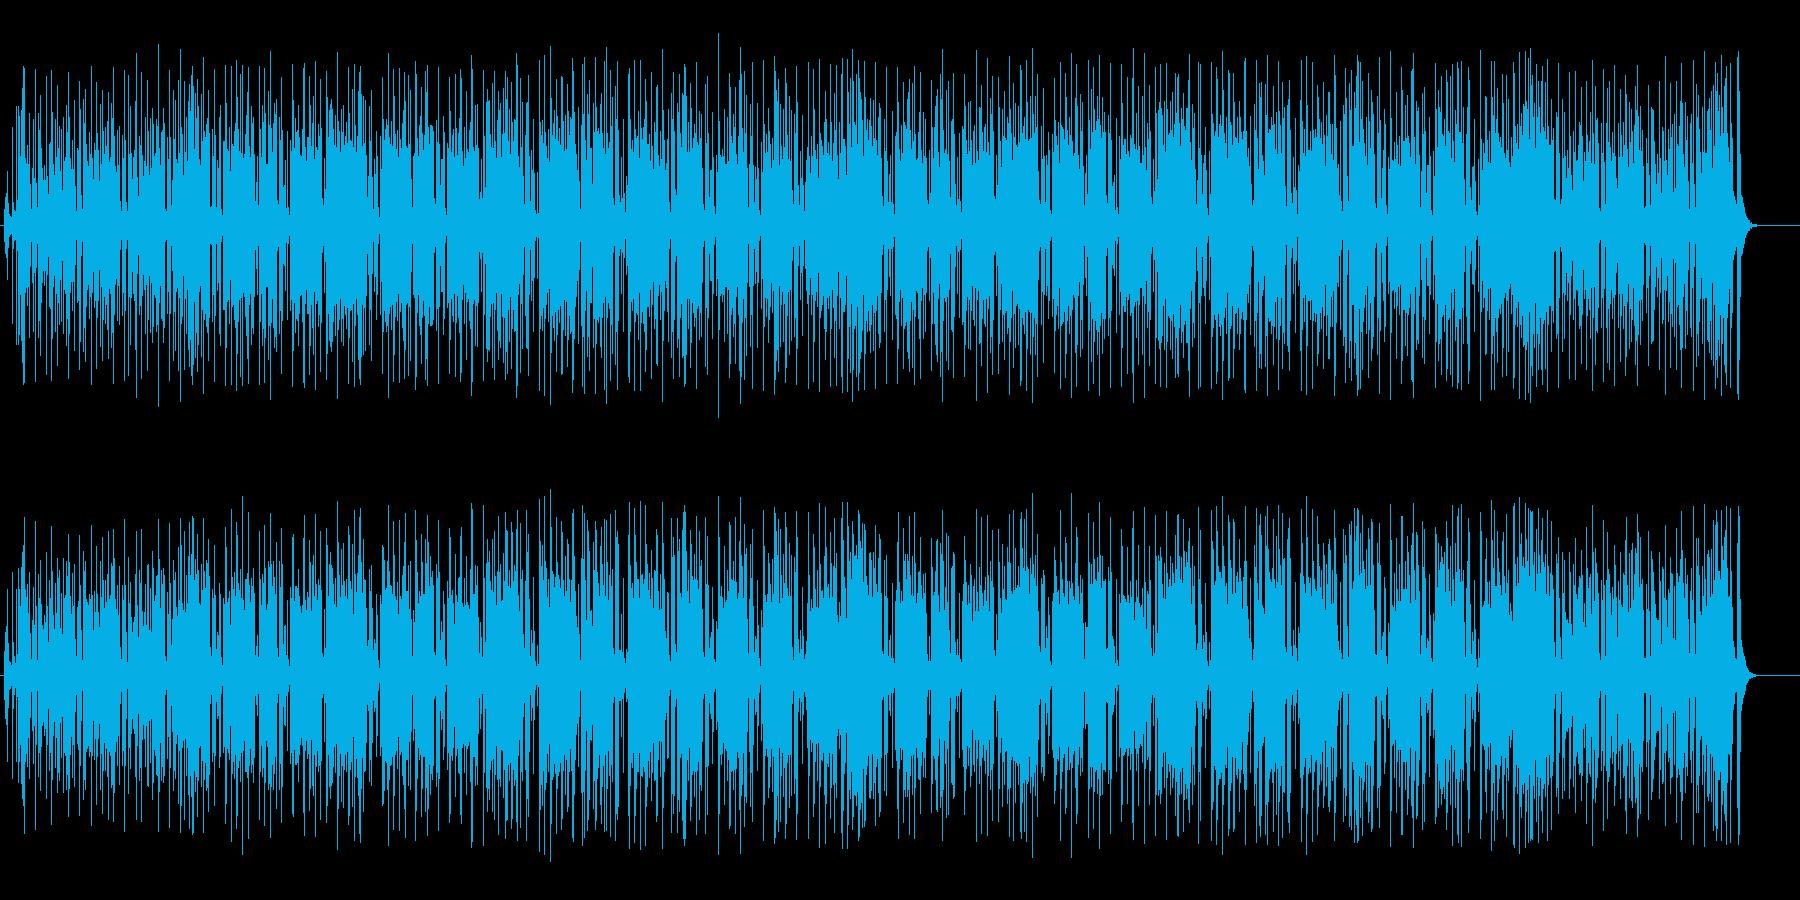 本格的シリアスタッチのレゲエの再生済みの波形